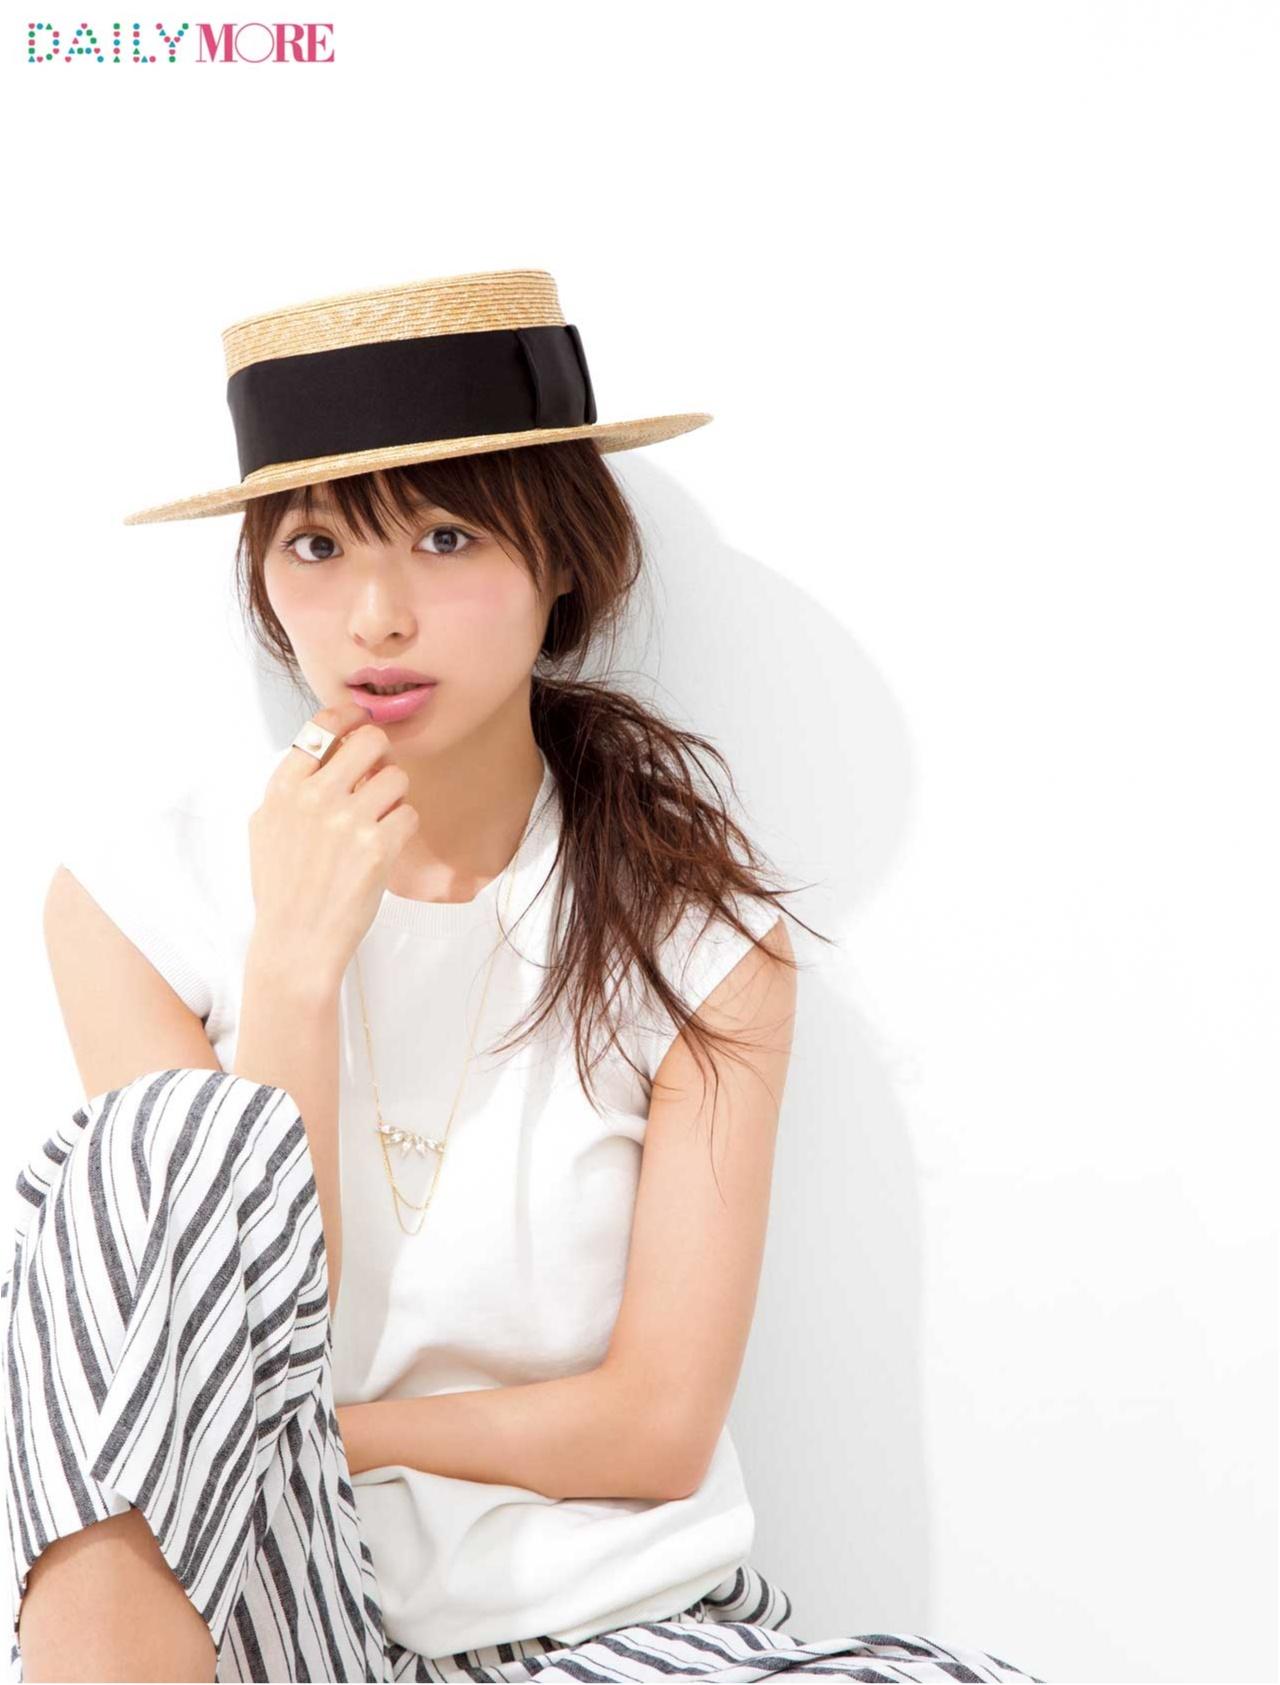 ラフさが断然かわいい! 「カンカン帽をかぶる日」の1分間夏ヘアアレンジ♡_1